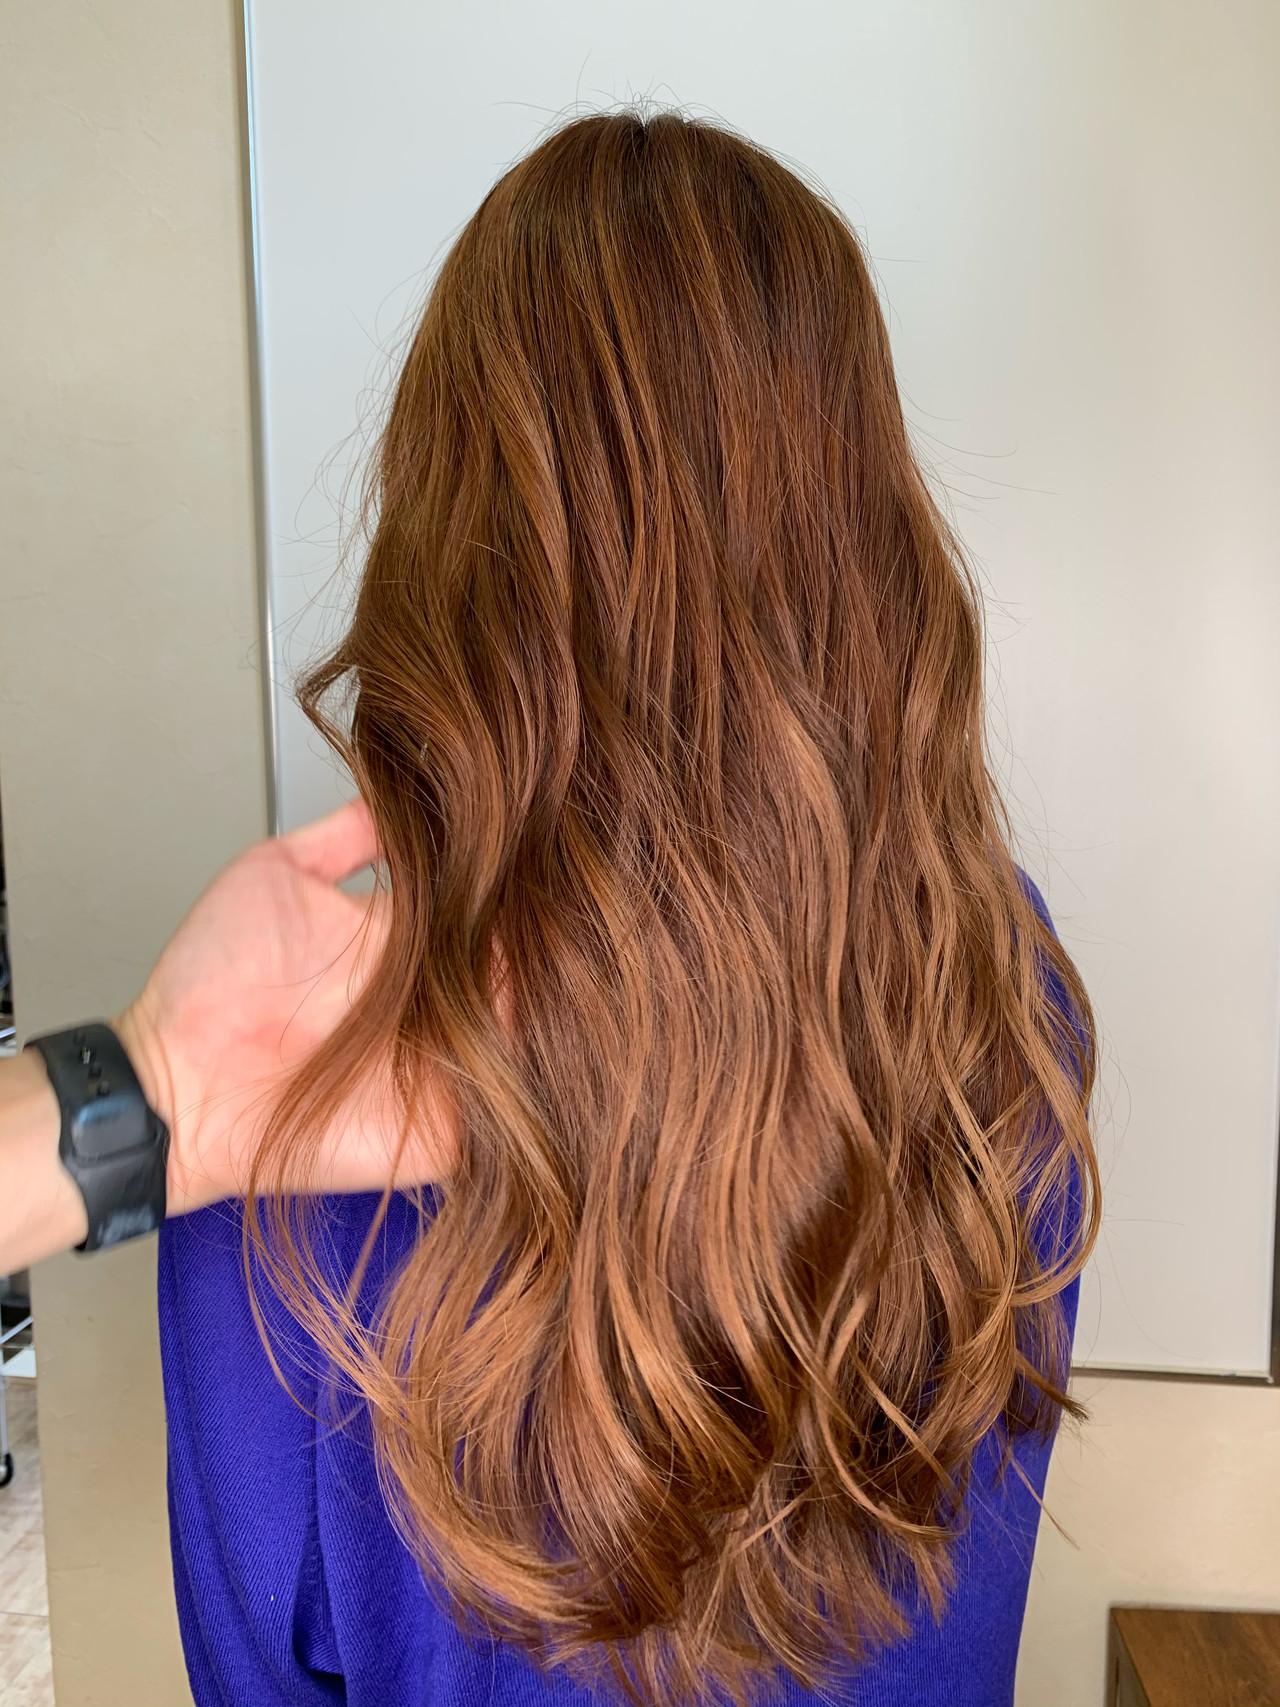 オレンジブラウン オレンジベージュ アプリコットオレンジ ロング ヘアスタイルや髪型の写真・画像